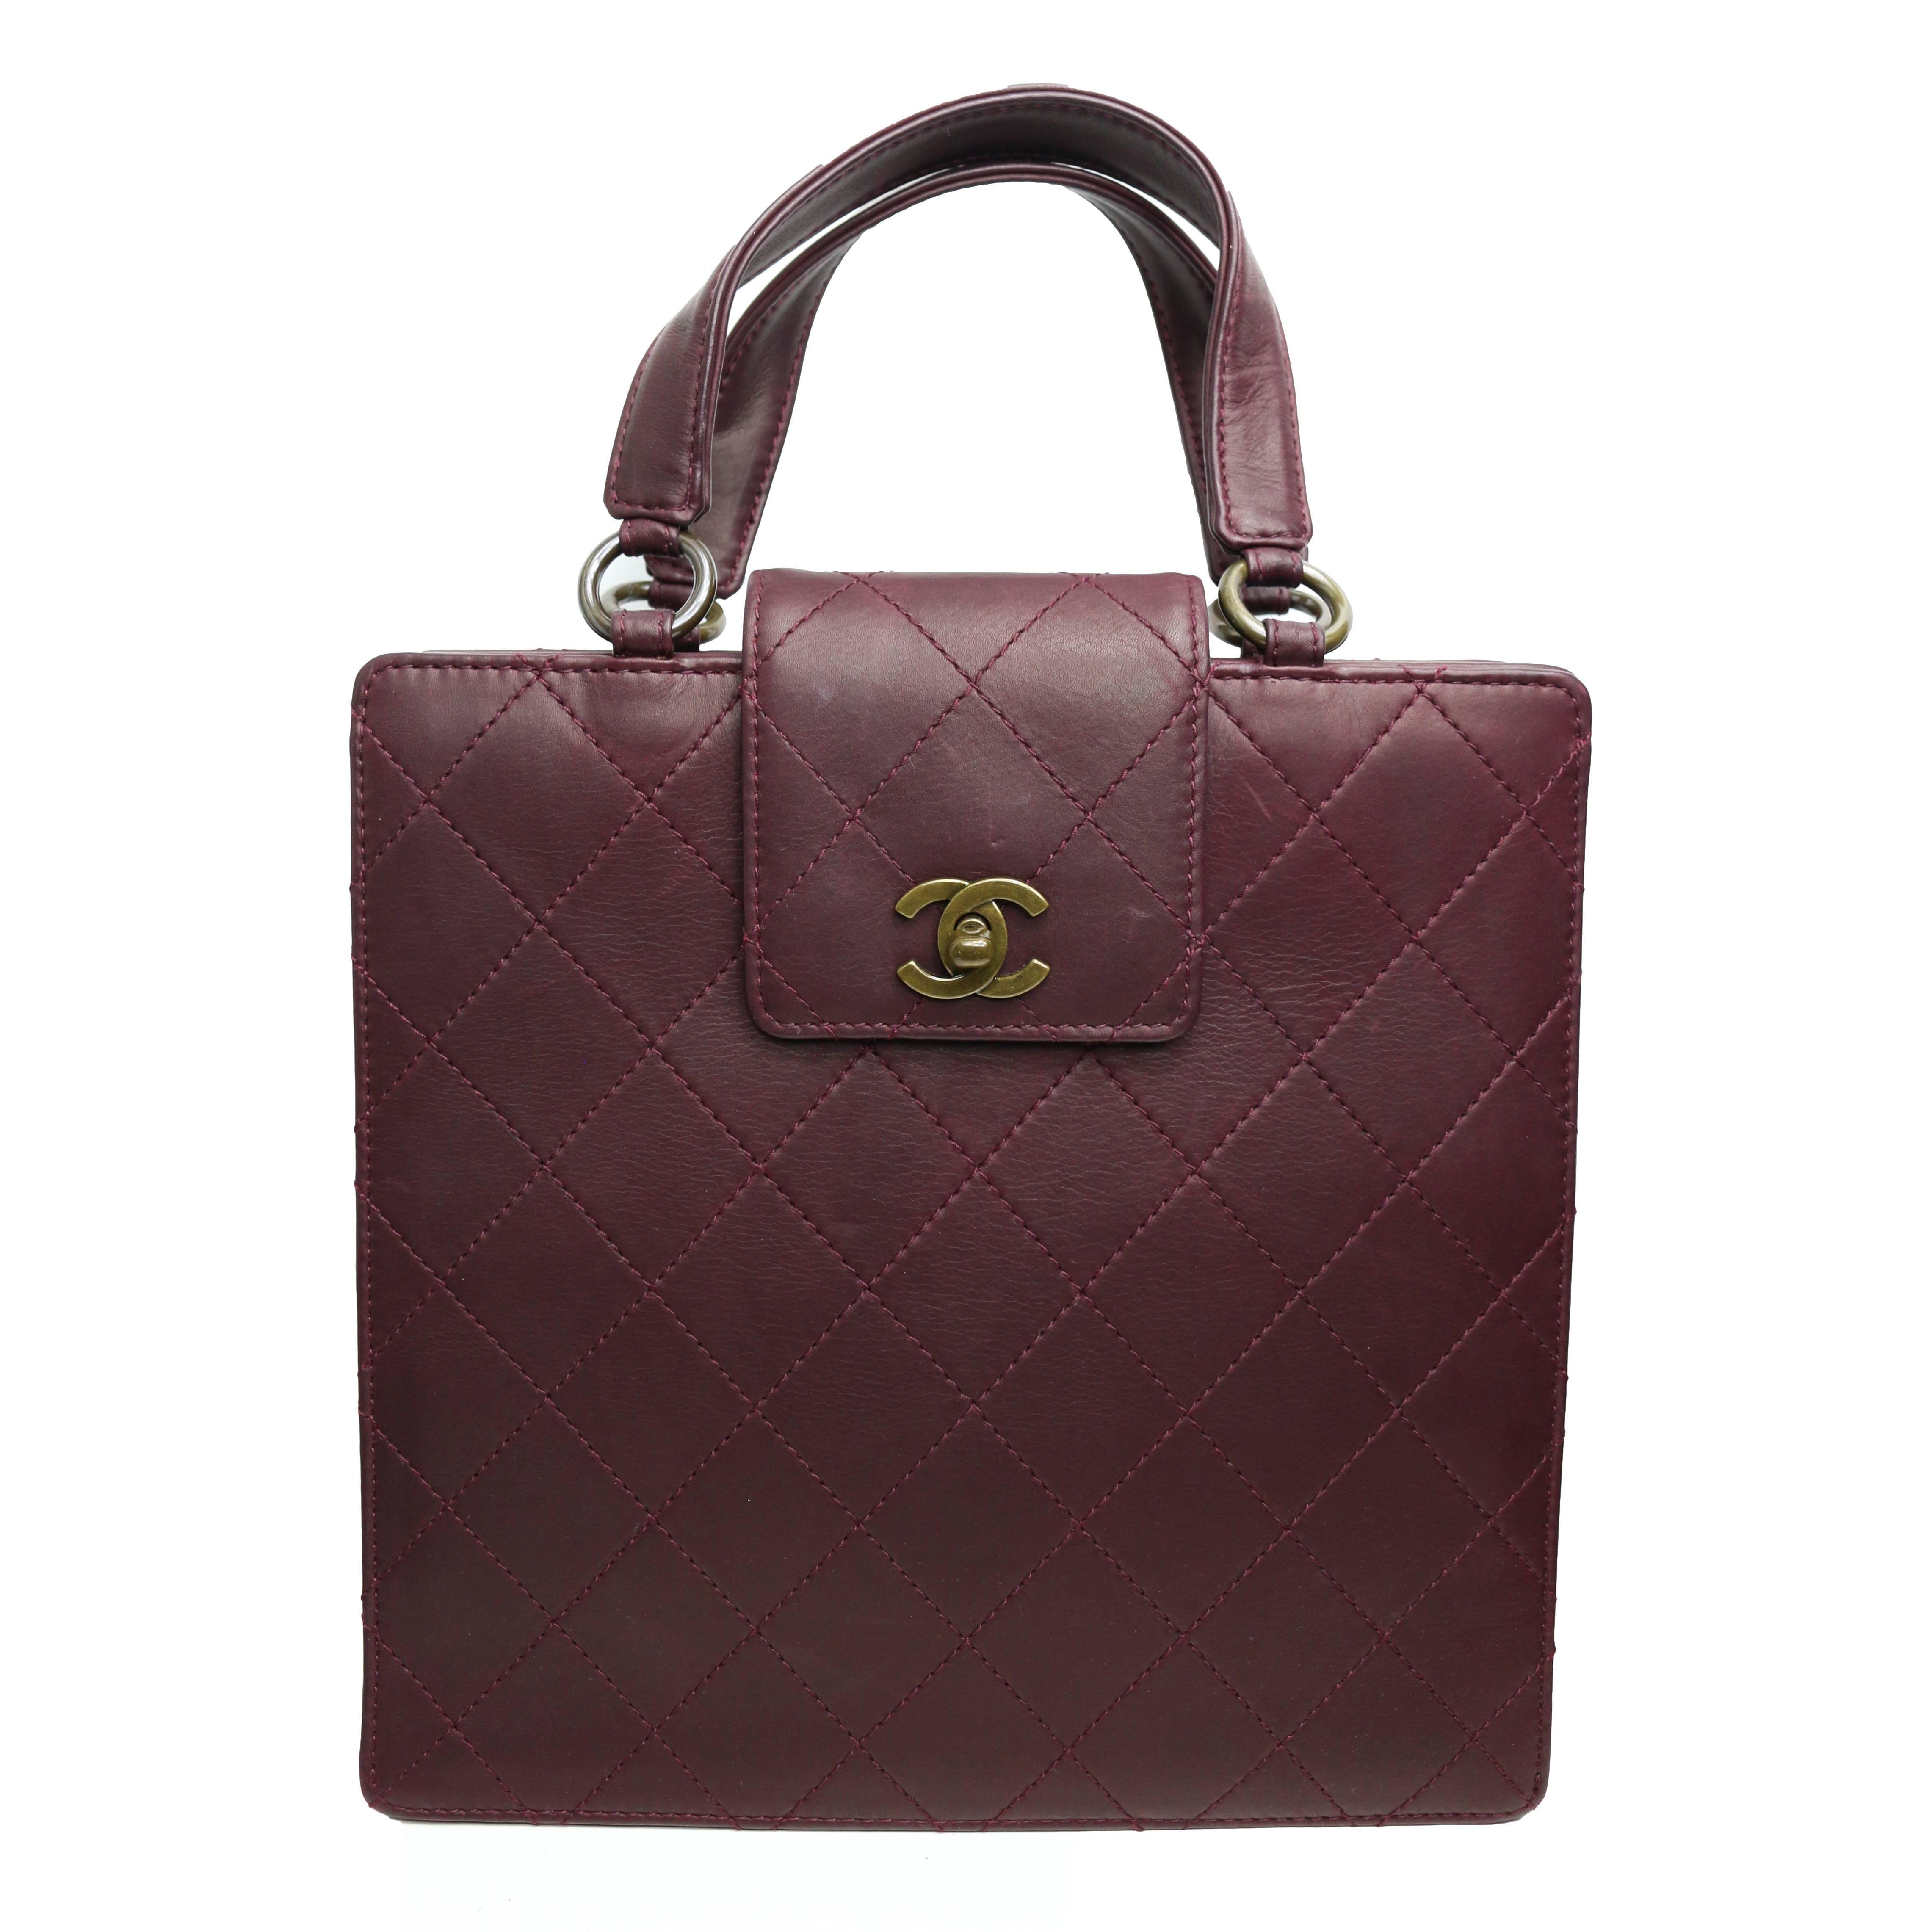 Chanel Brown Velvet Quilted Handbag For Sale at 1stdibs 9116d3232748a